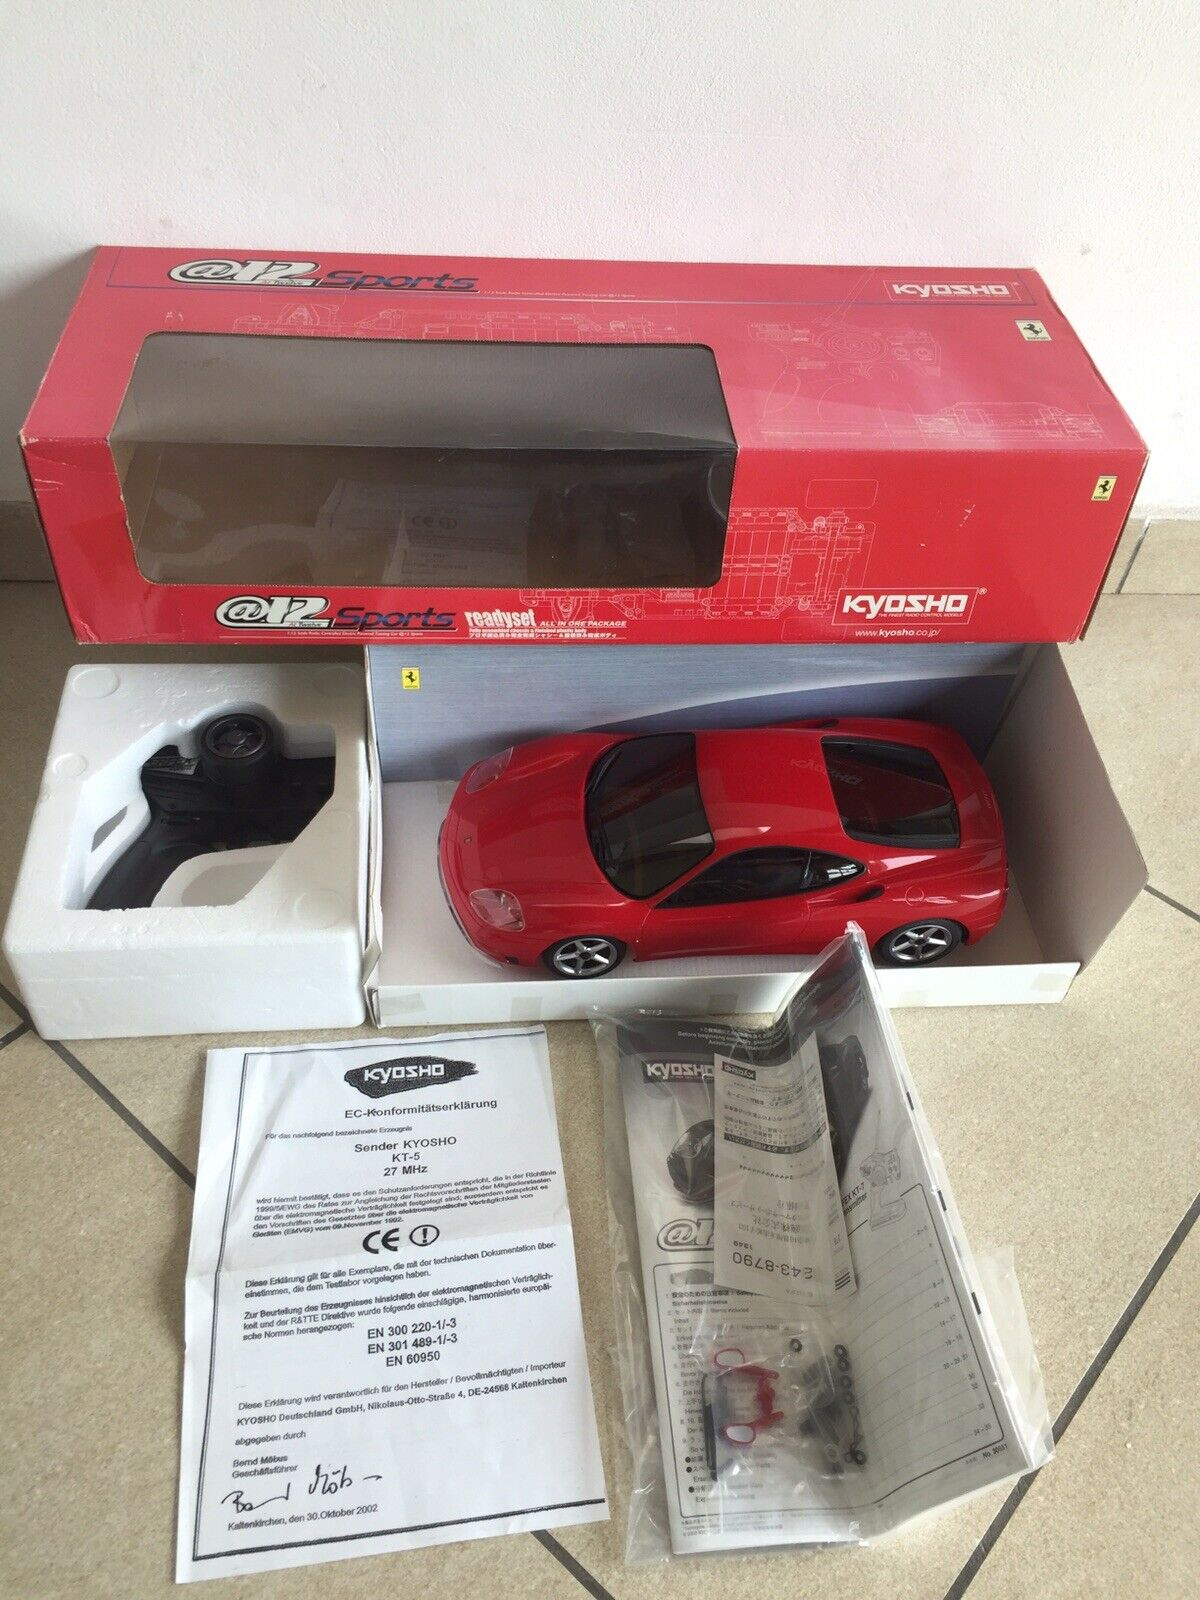 Ferrari 360 Modena 1 12 Kyosho @12 Sports Rc Car Rare No Nikko Taiyo Tamiya